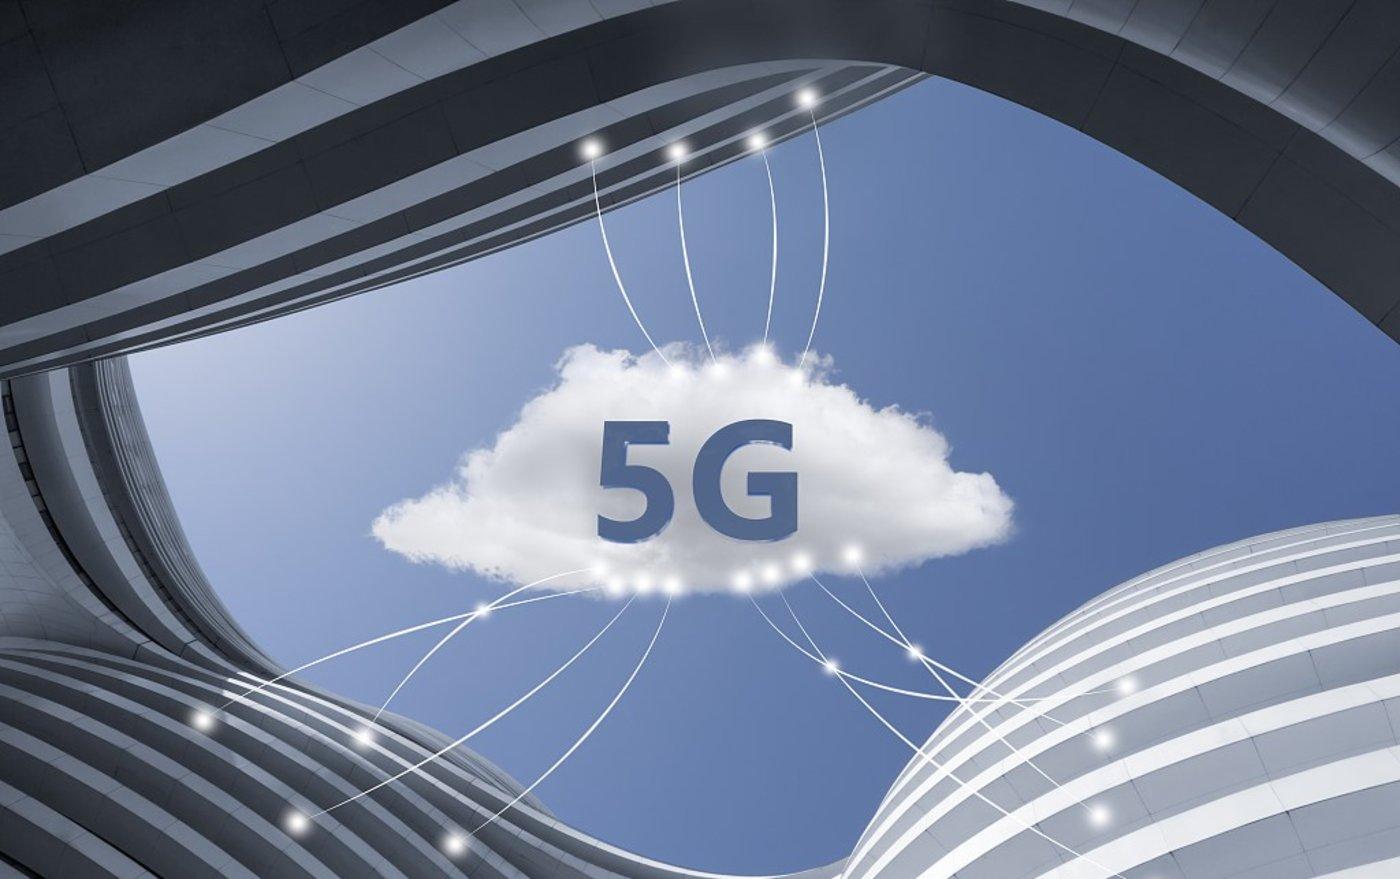 制约华为?全球安全官员讨论统一5G准则-互联网之家